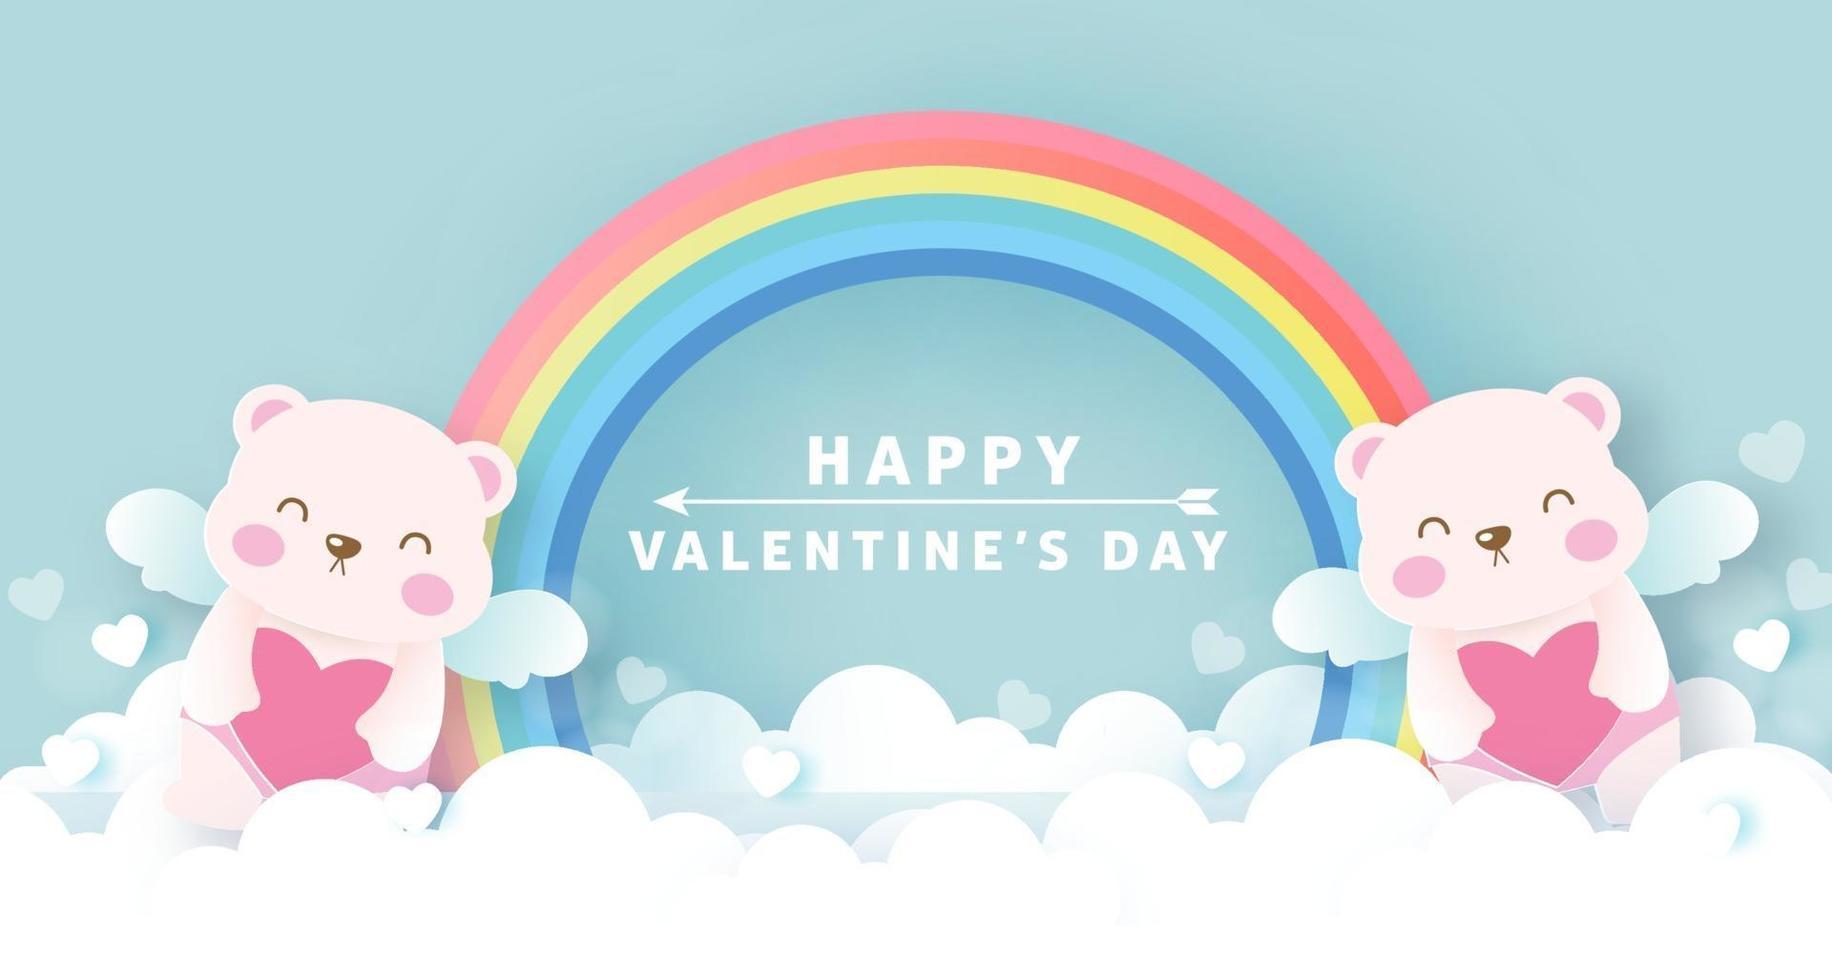 Alla hjärtans gratulationskort med söta amorbjörnar och regnbåge. vektor